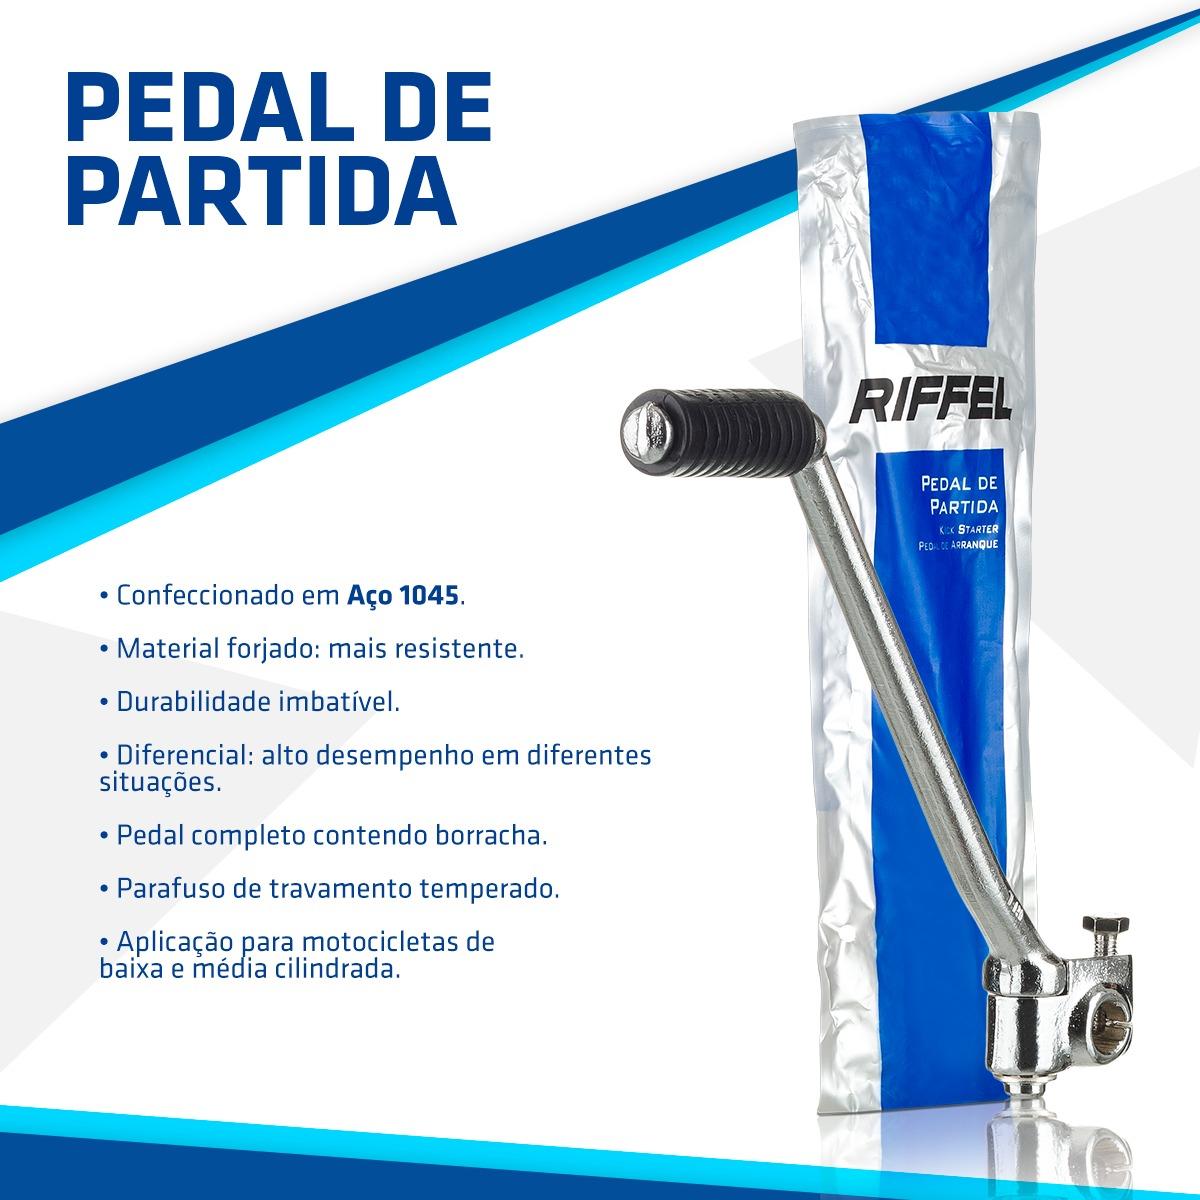 PEDAL DE PARTIDA CG 125 (83 99)